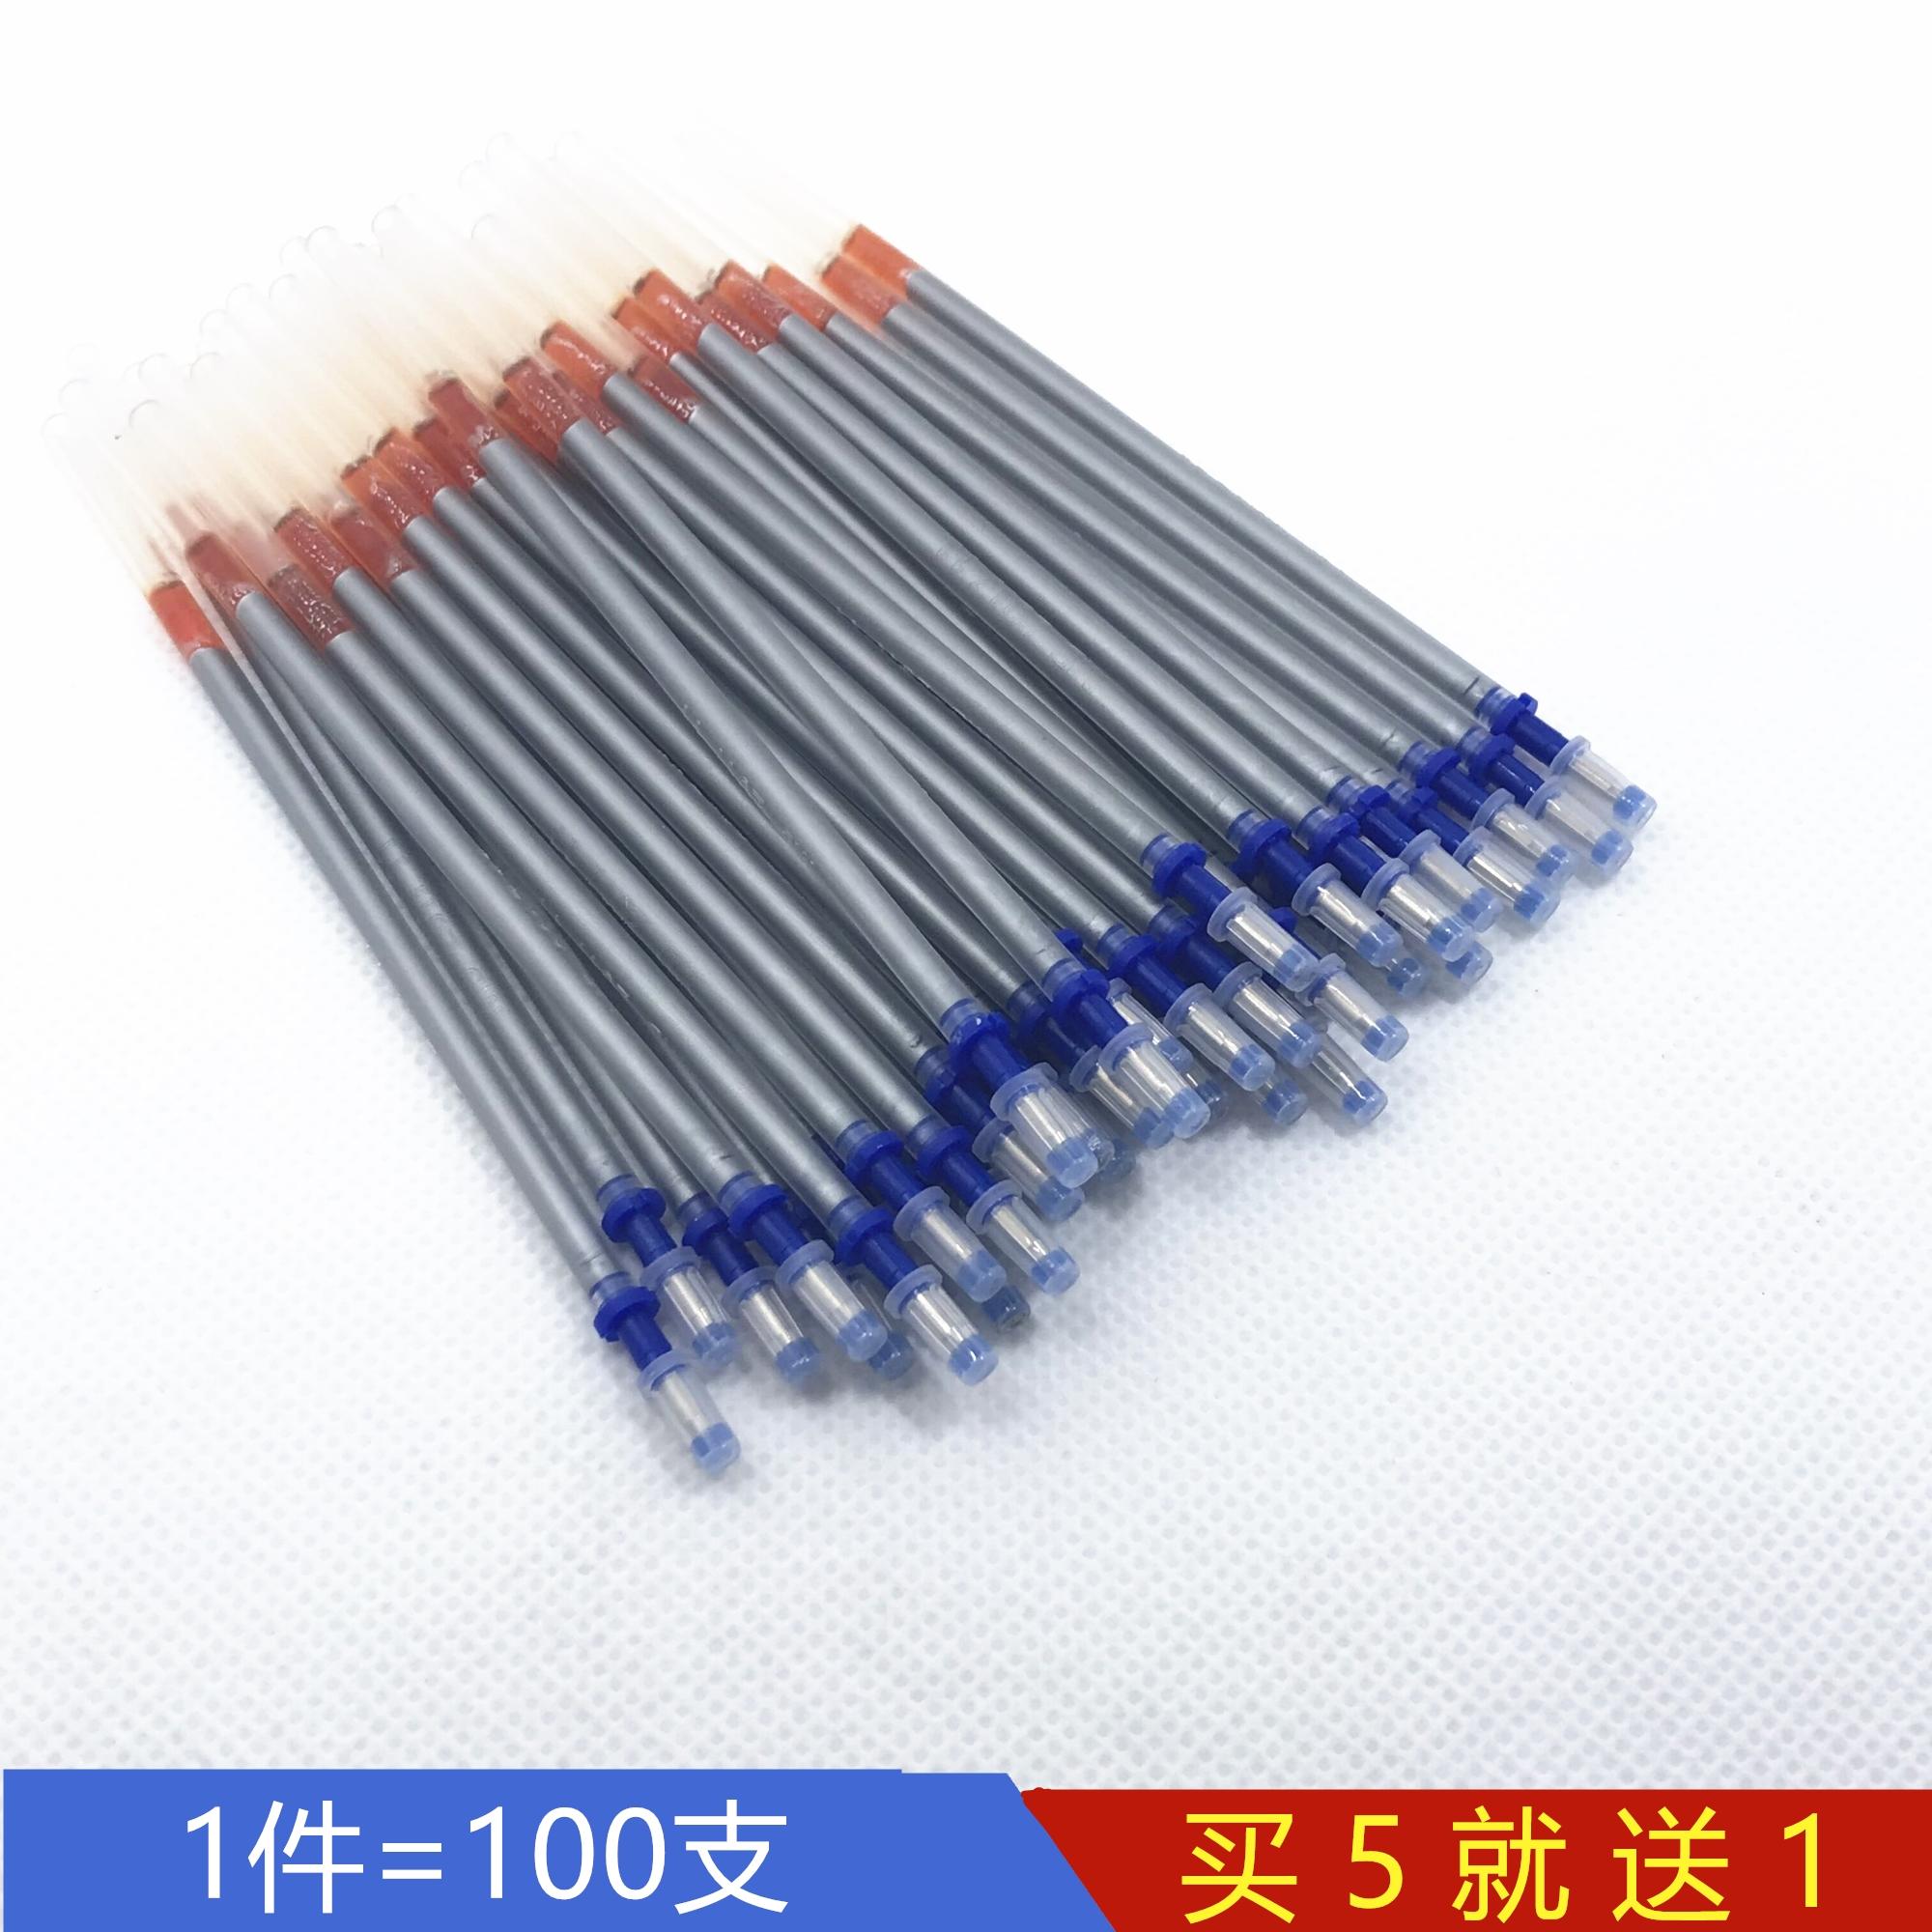 多用途水銀 皮革筆芯 服裝布料記號筆芯 銀色筆芯 水性筆芯促銷